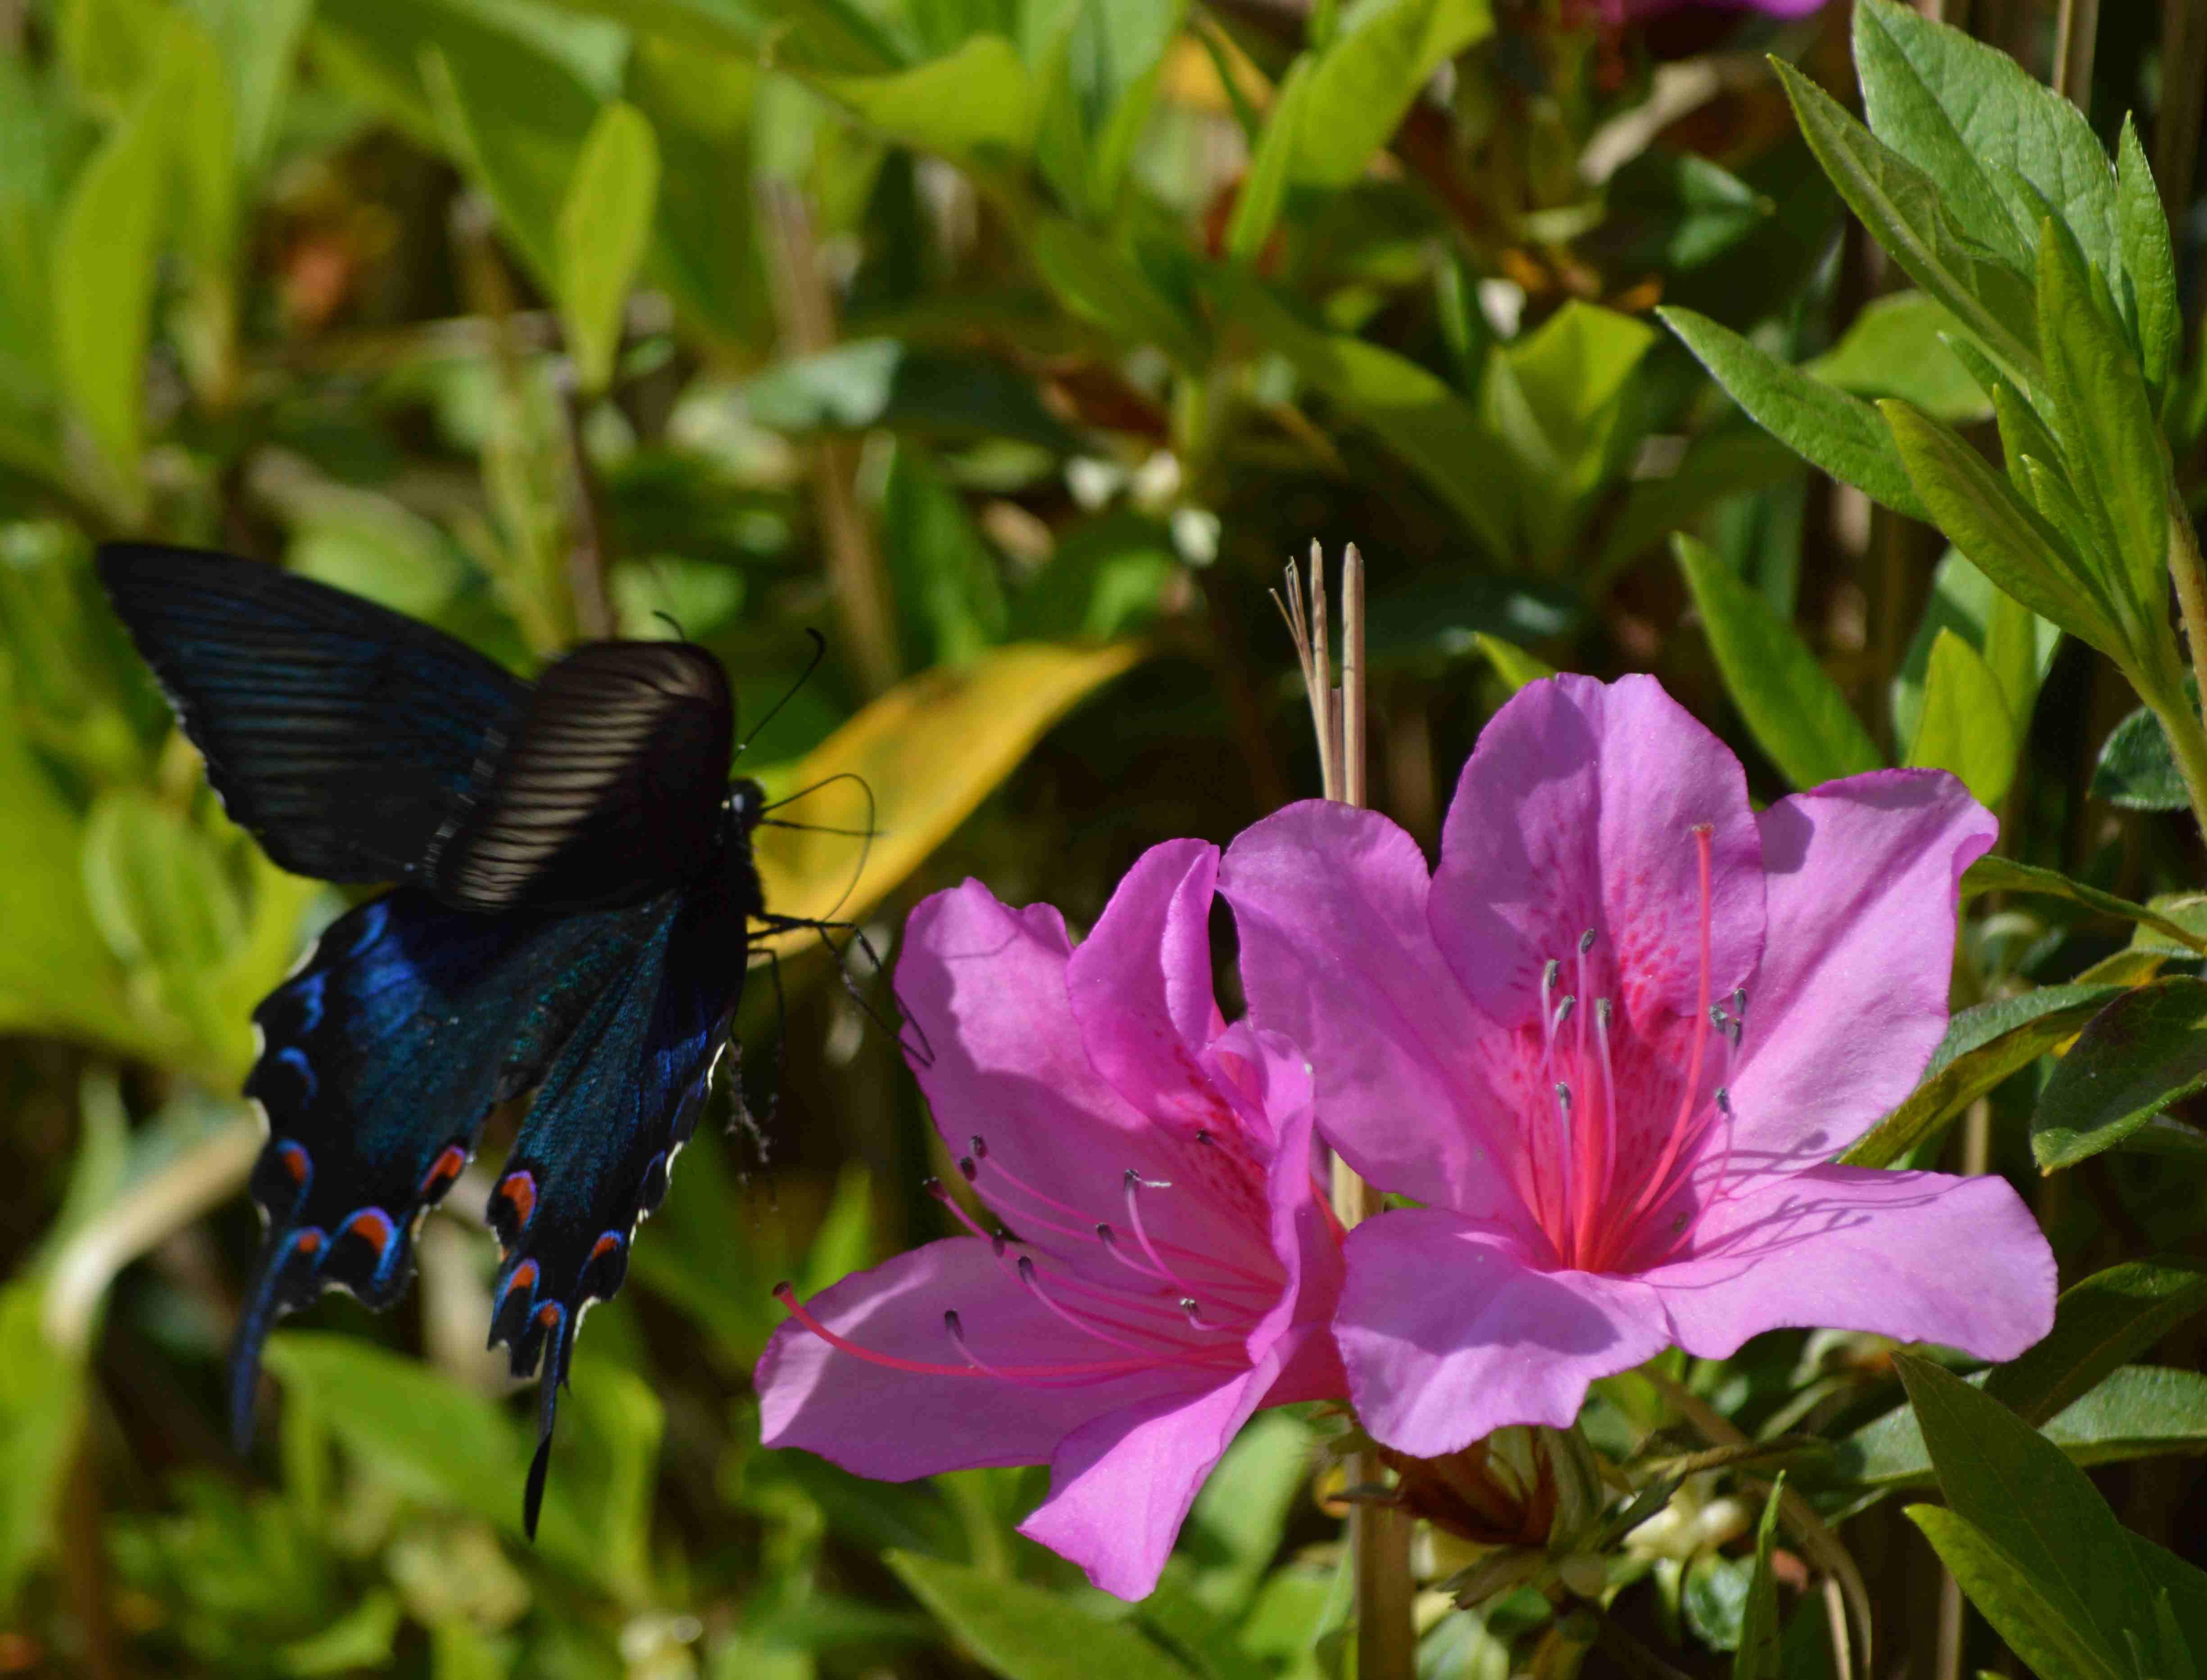 カラスアゲハ 5月2日ツツジの咲く公園にて_d0254540_1546404.jpg